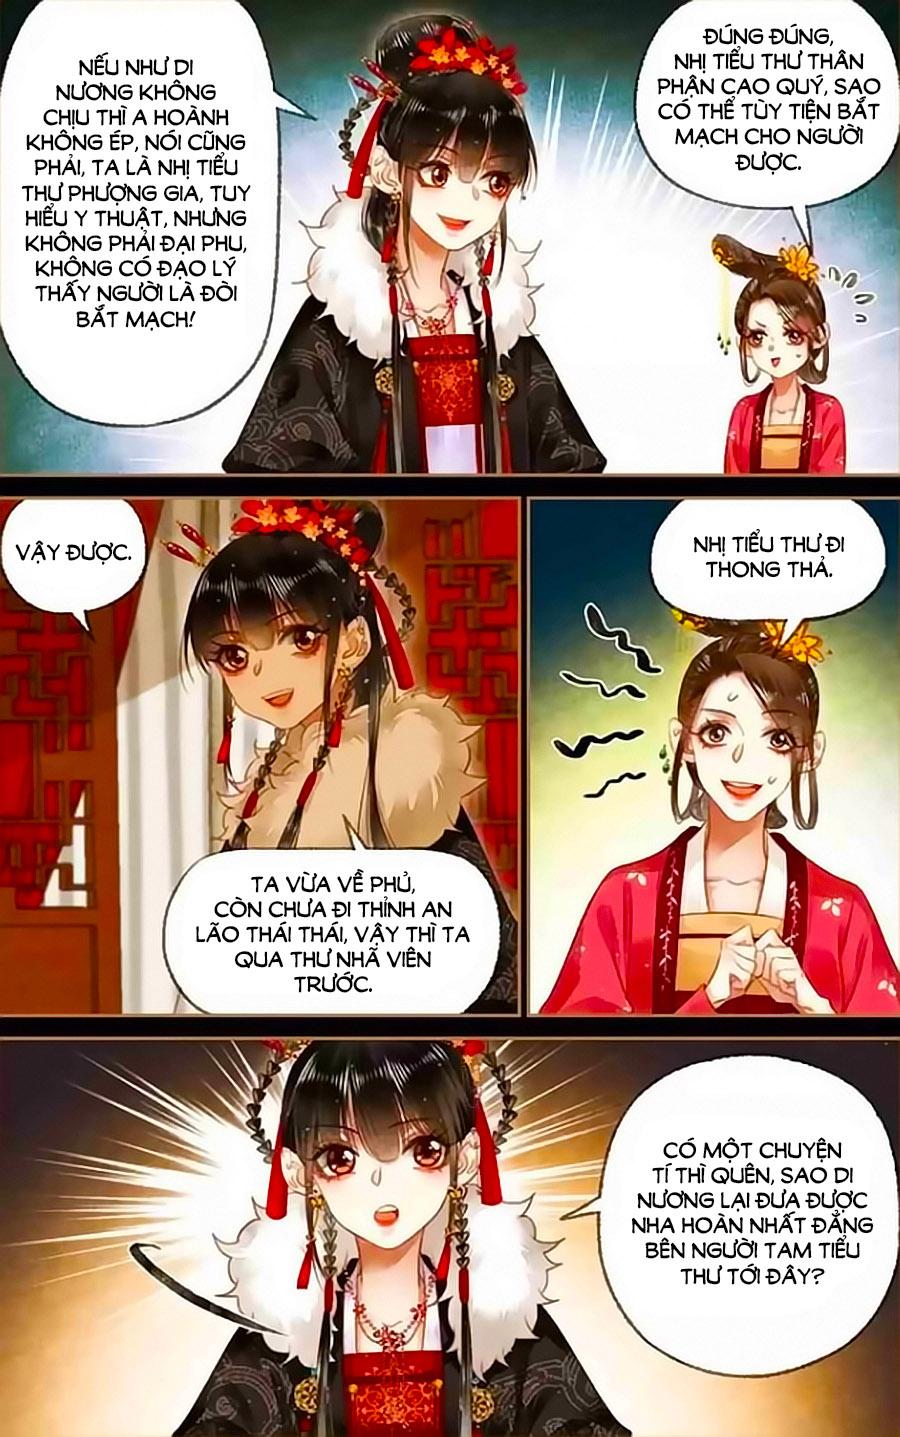 Thần Y Đích Nữ chap 162 - Trang 6